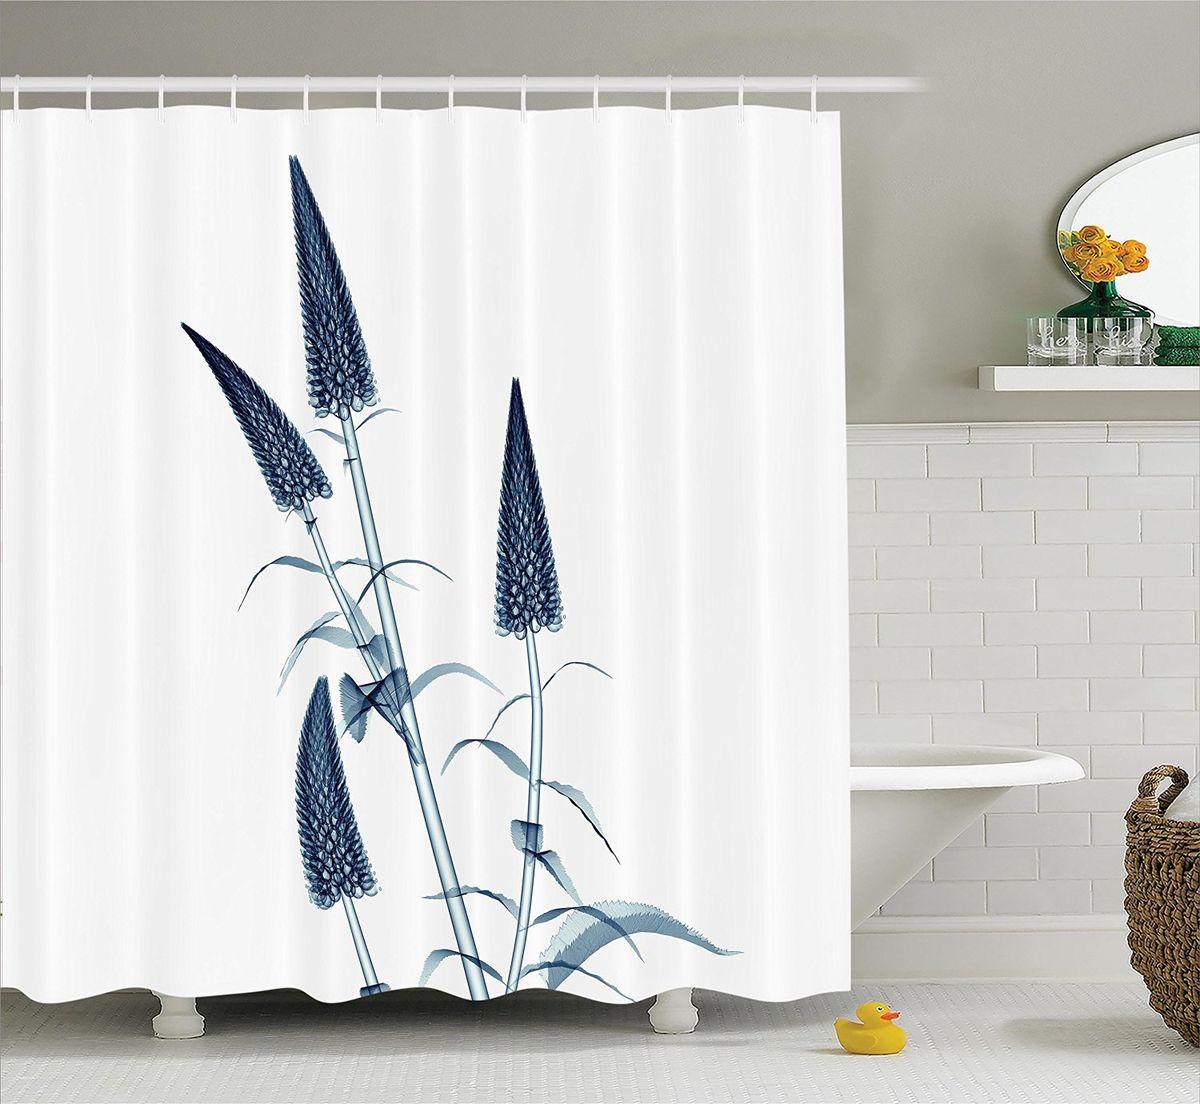 Штора для ванной комнаты Magic Lady Однотонные соцветия, 180 х 200 смшв_14465Штора Magic Lady Однотонные соцветия, изготовленная из высококачественного сатена (полиэстер 100%), отлично дополнит любой интерьер ванной комнаты. При изготовлении используются специальные гипоаллергенные чернила для прямой печати по ткани, безопасные для человека. В комплекте: 1 штора, 12 крючков. Обращаем ваше внимание, фактический цвет изделия может незначительно отличаться от представленного на фото.